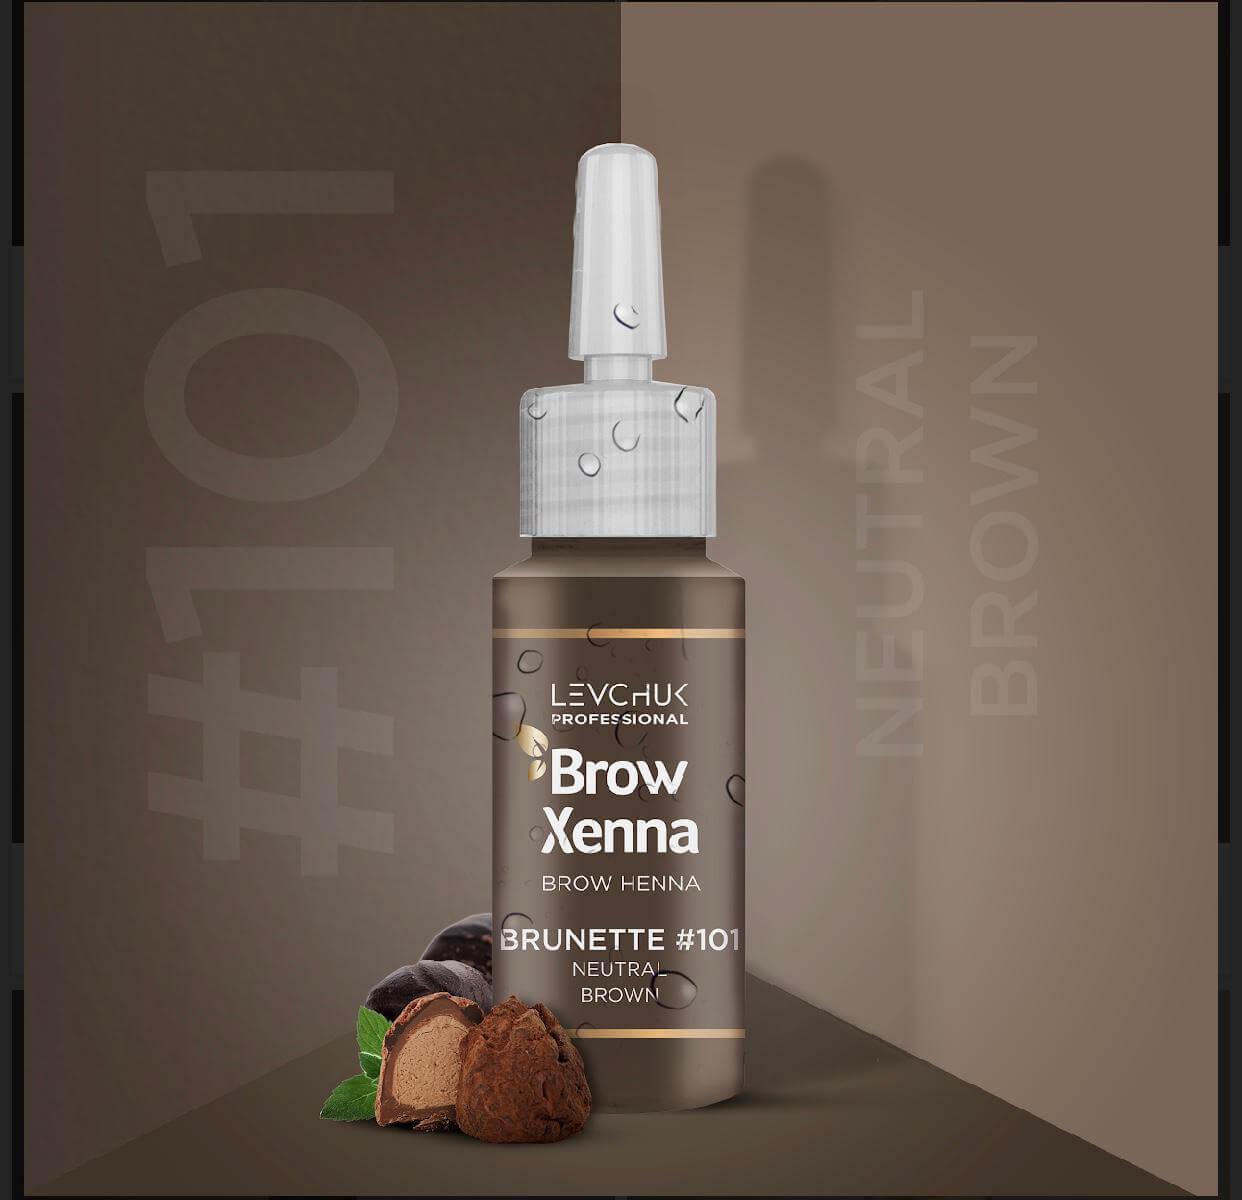 BrowXenna Brow Henna Neutral Brown 101